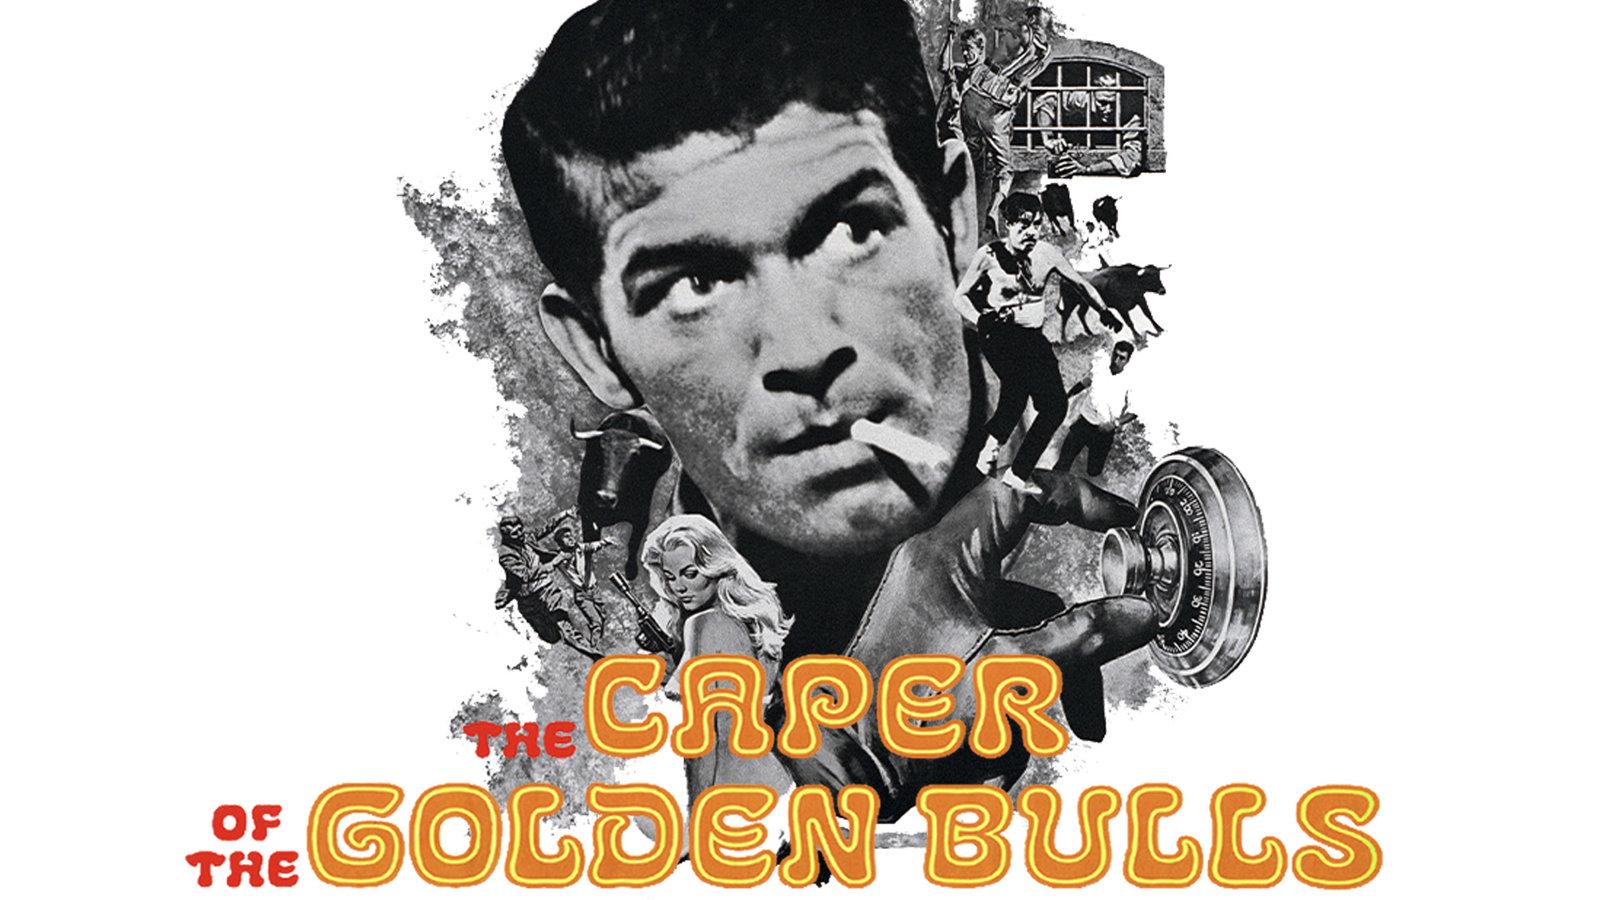 Caper of the Golden Bulls